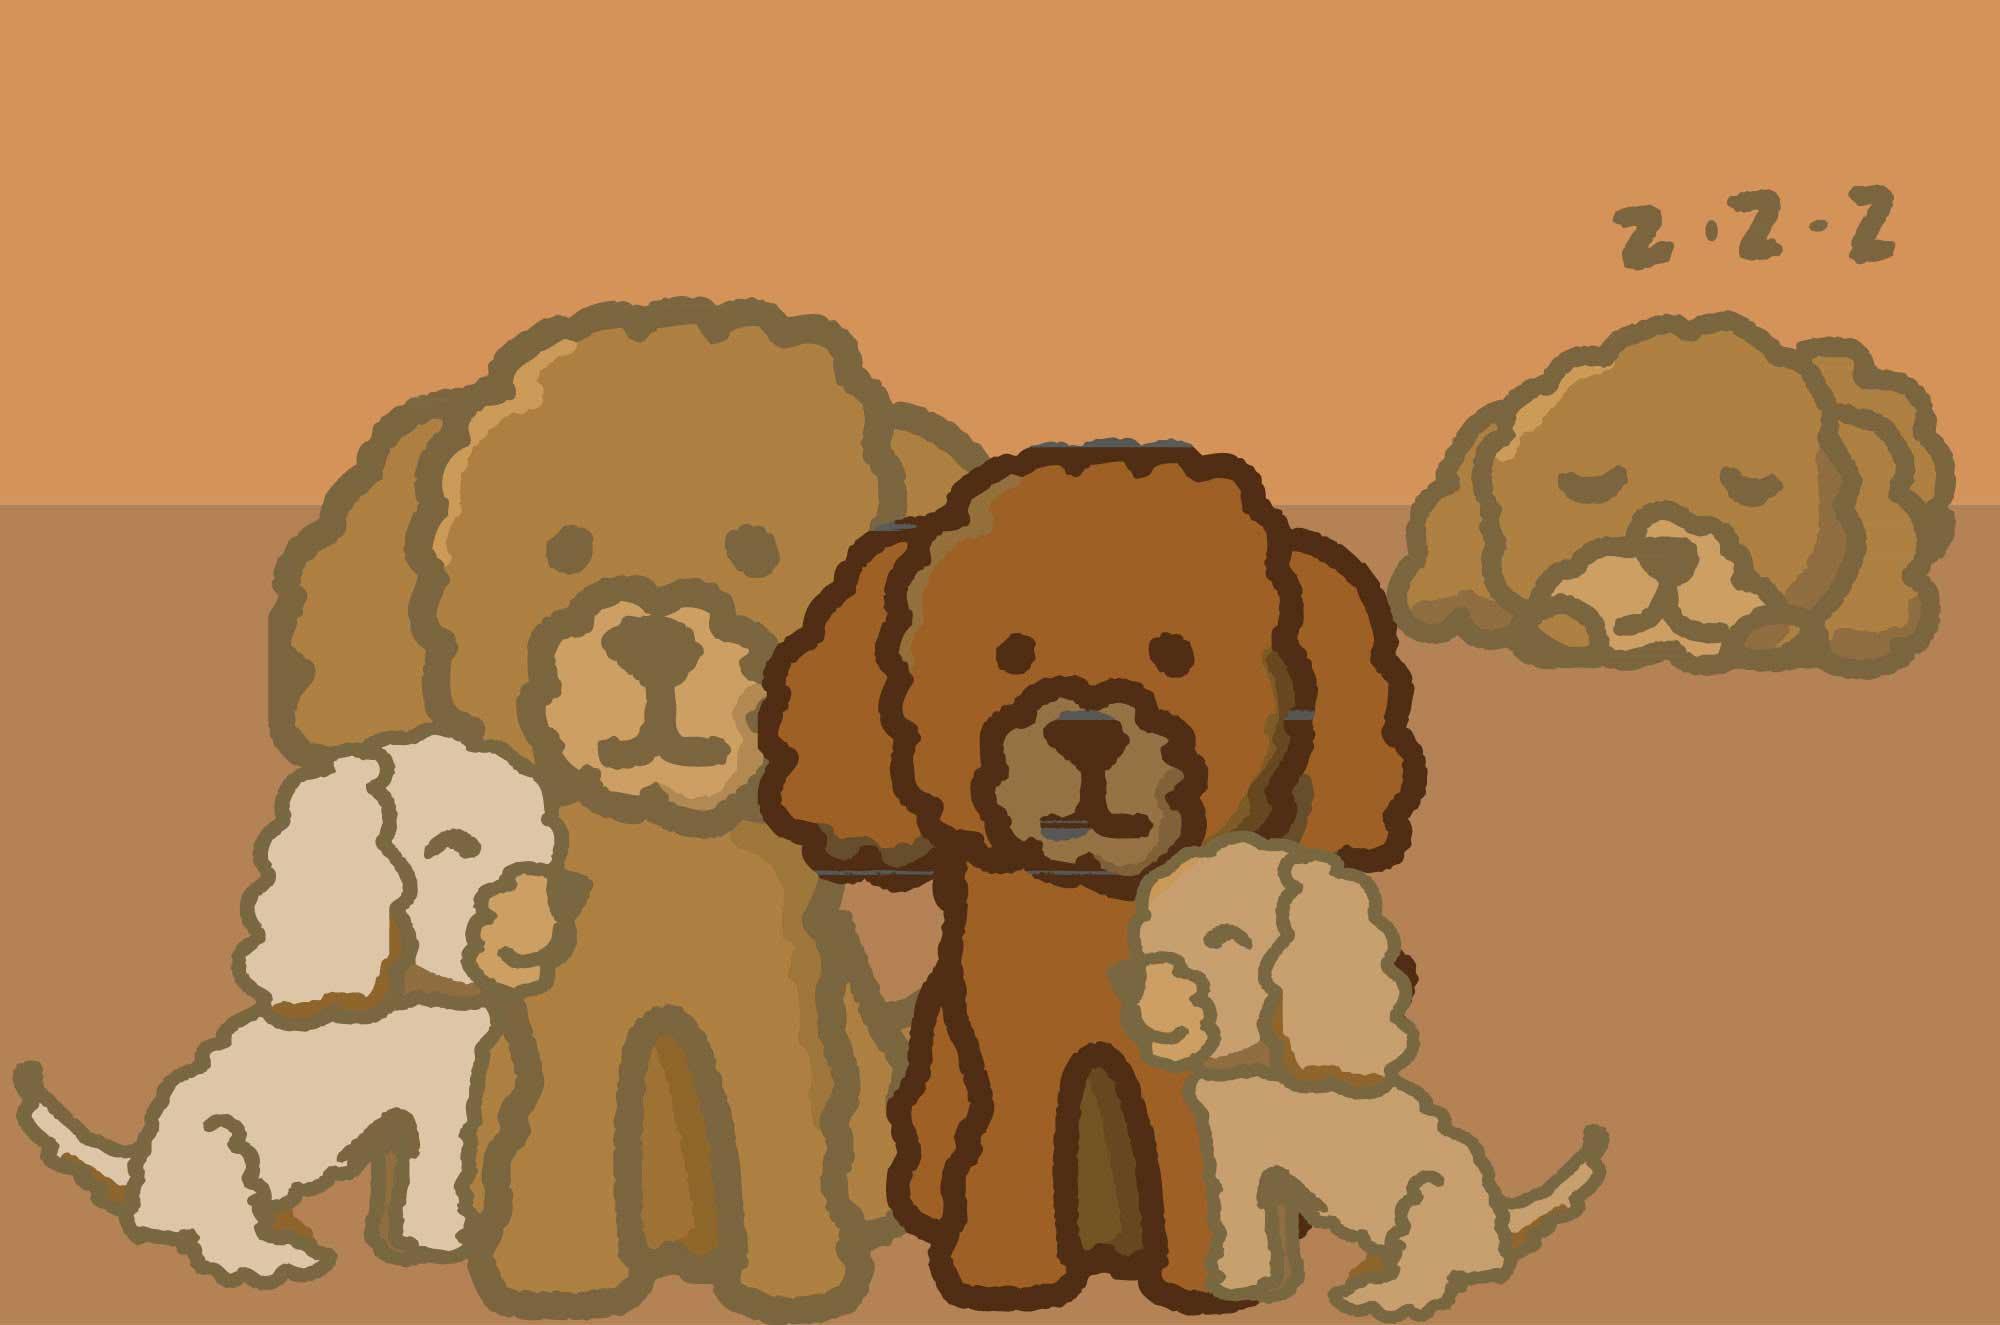 トイプードルのイラスト 犬の可愛いキャラ無料素材 チコデザ